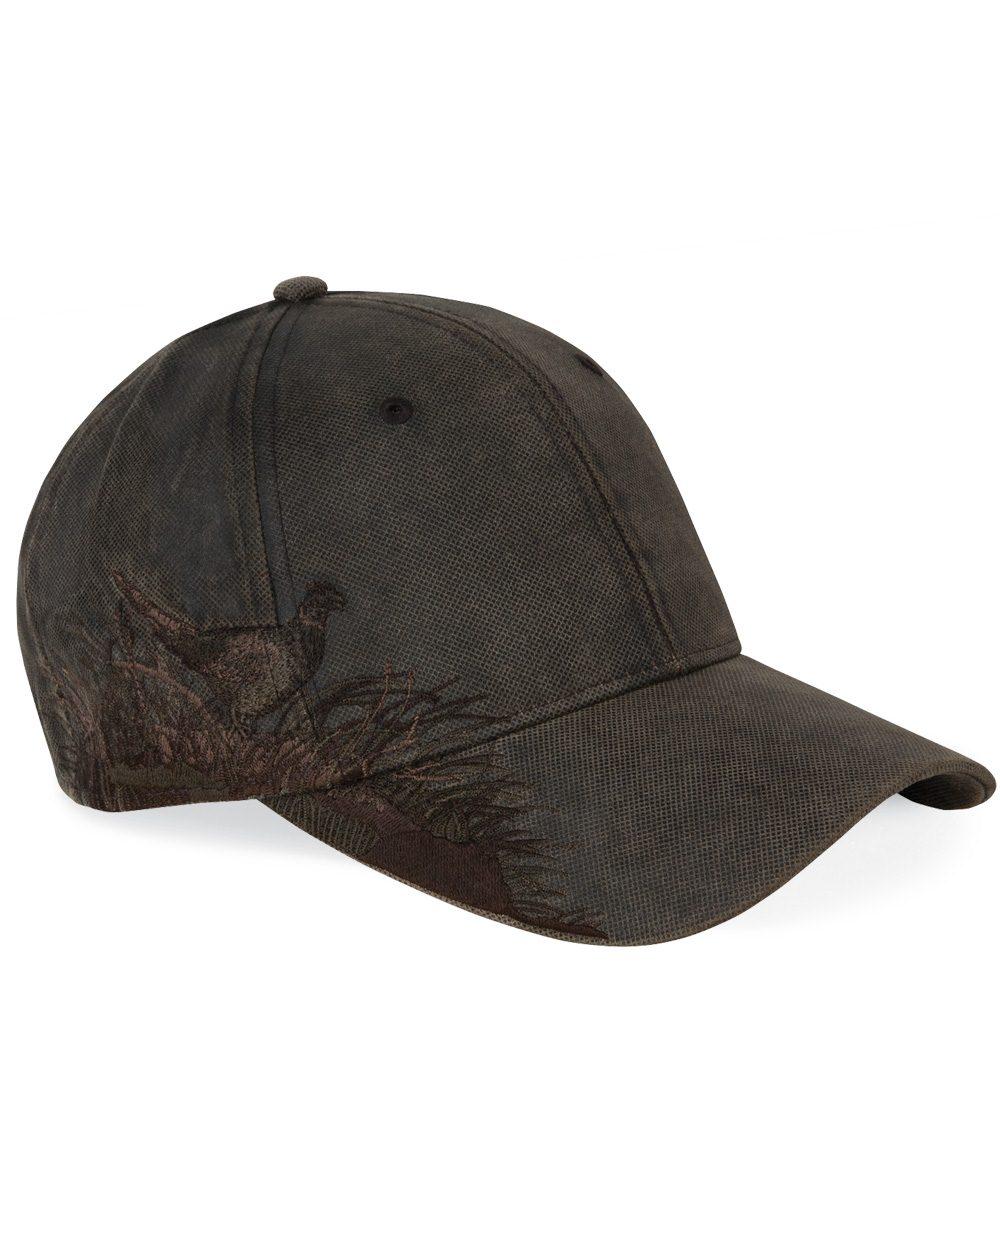 DRI DUCK 3261 - Wildlife Series Pheasant Cap